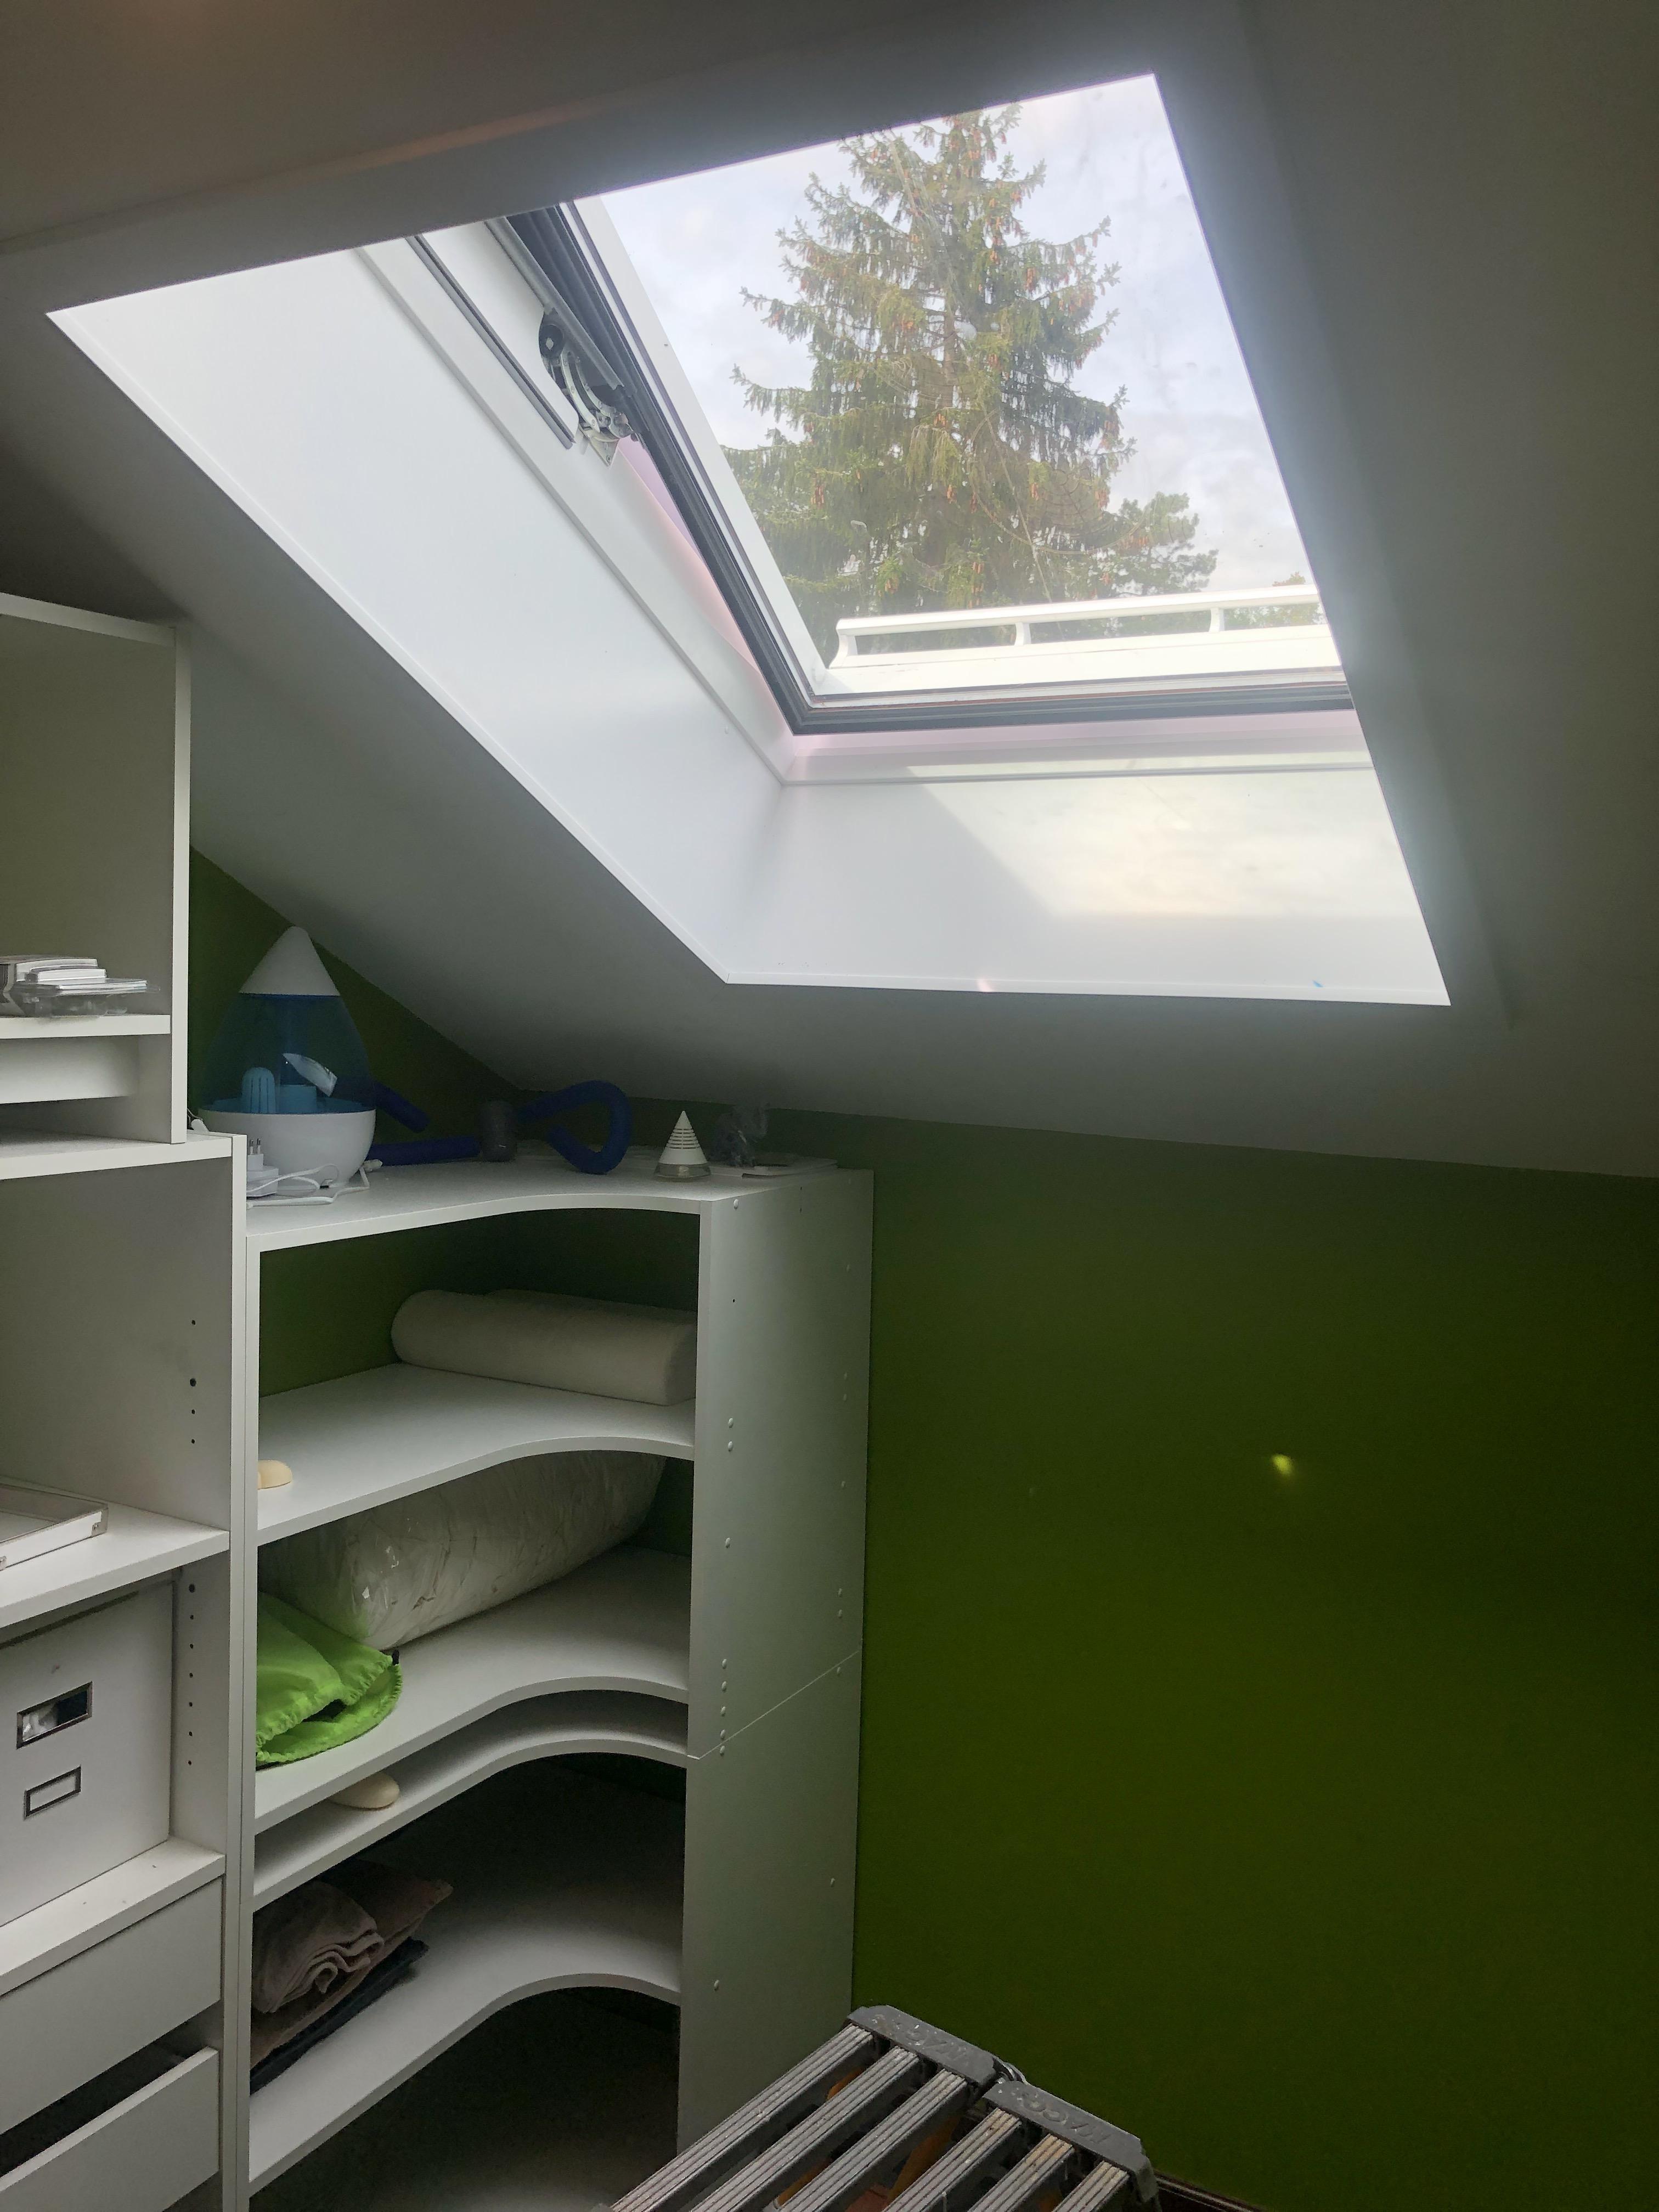 Création d'une fenêtre de toit VELUX près de Genève